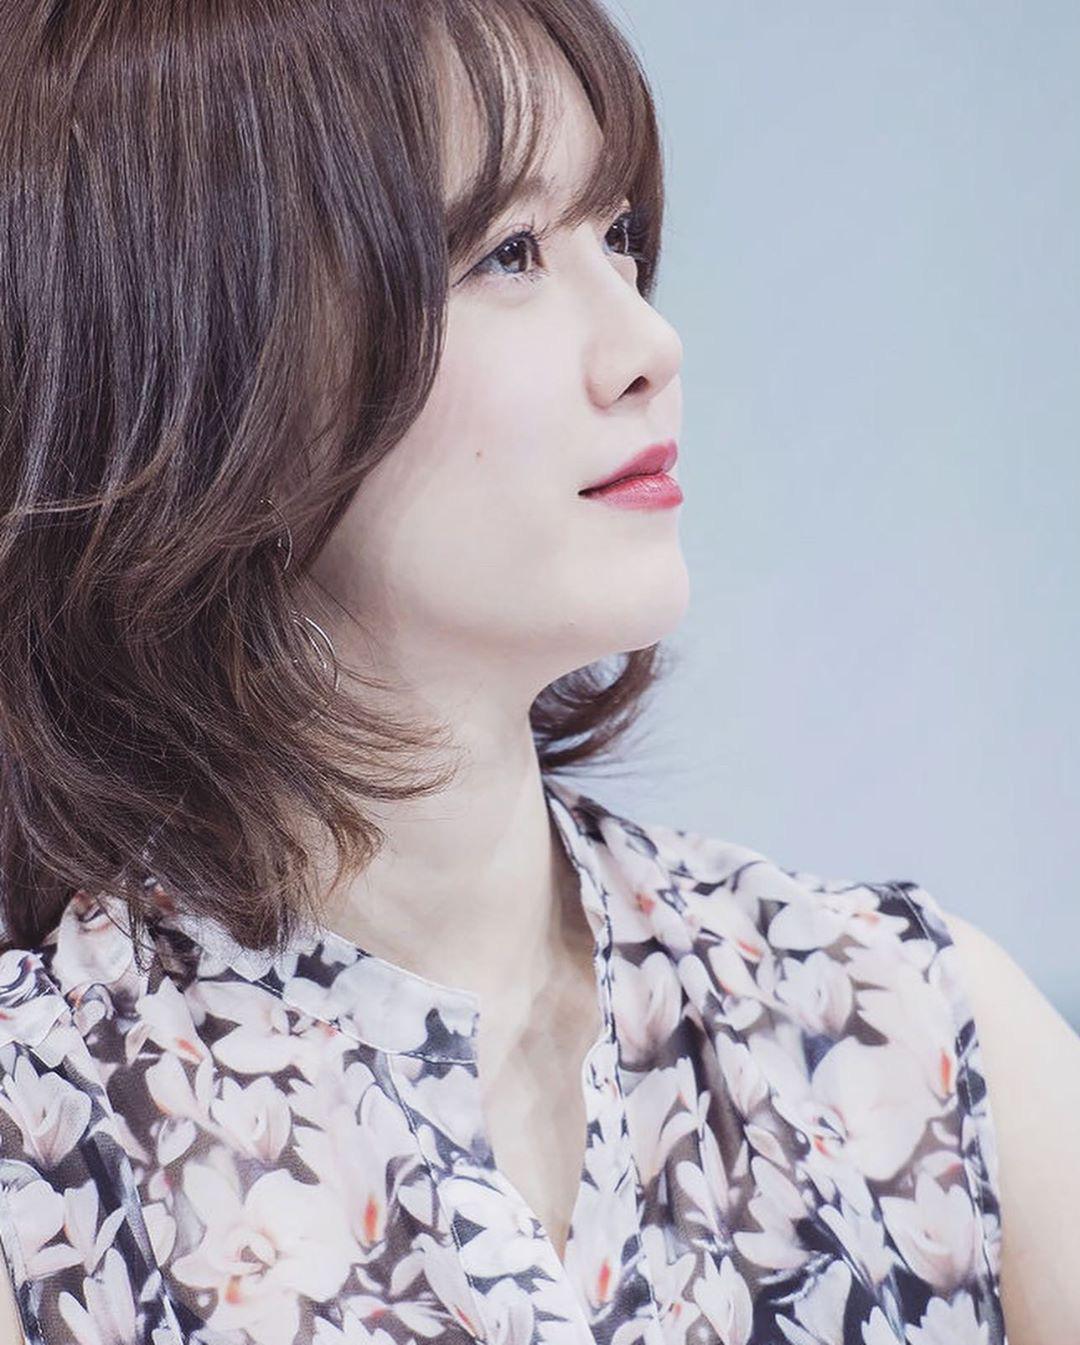 Sau thông báo đạt được thỏa thuận ly hôn, nàng cỏ Goo Hye Sun có động thái đầu tiên trên mạng xã hội - Ảnh 2.